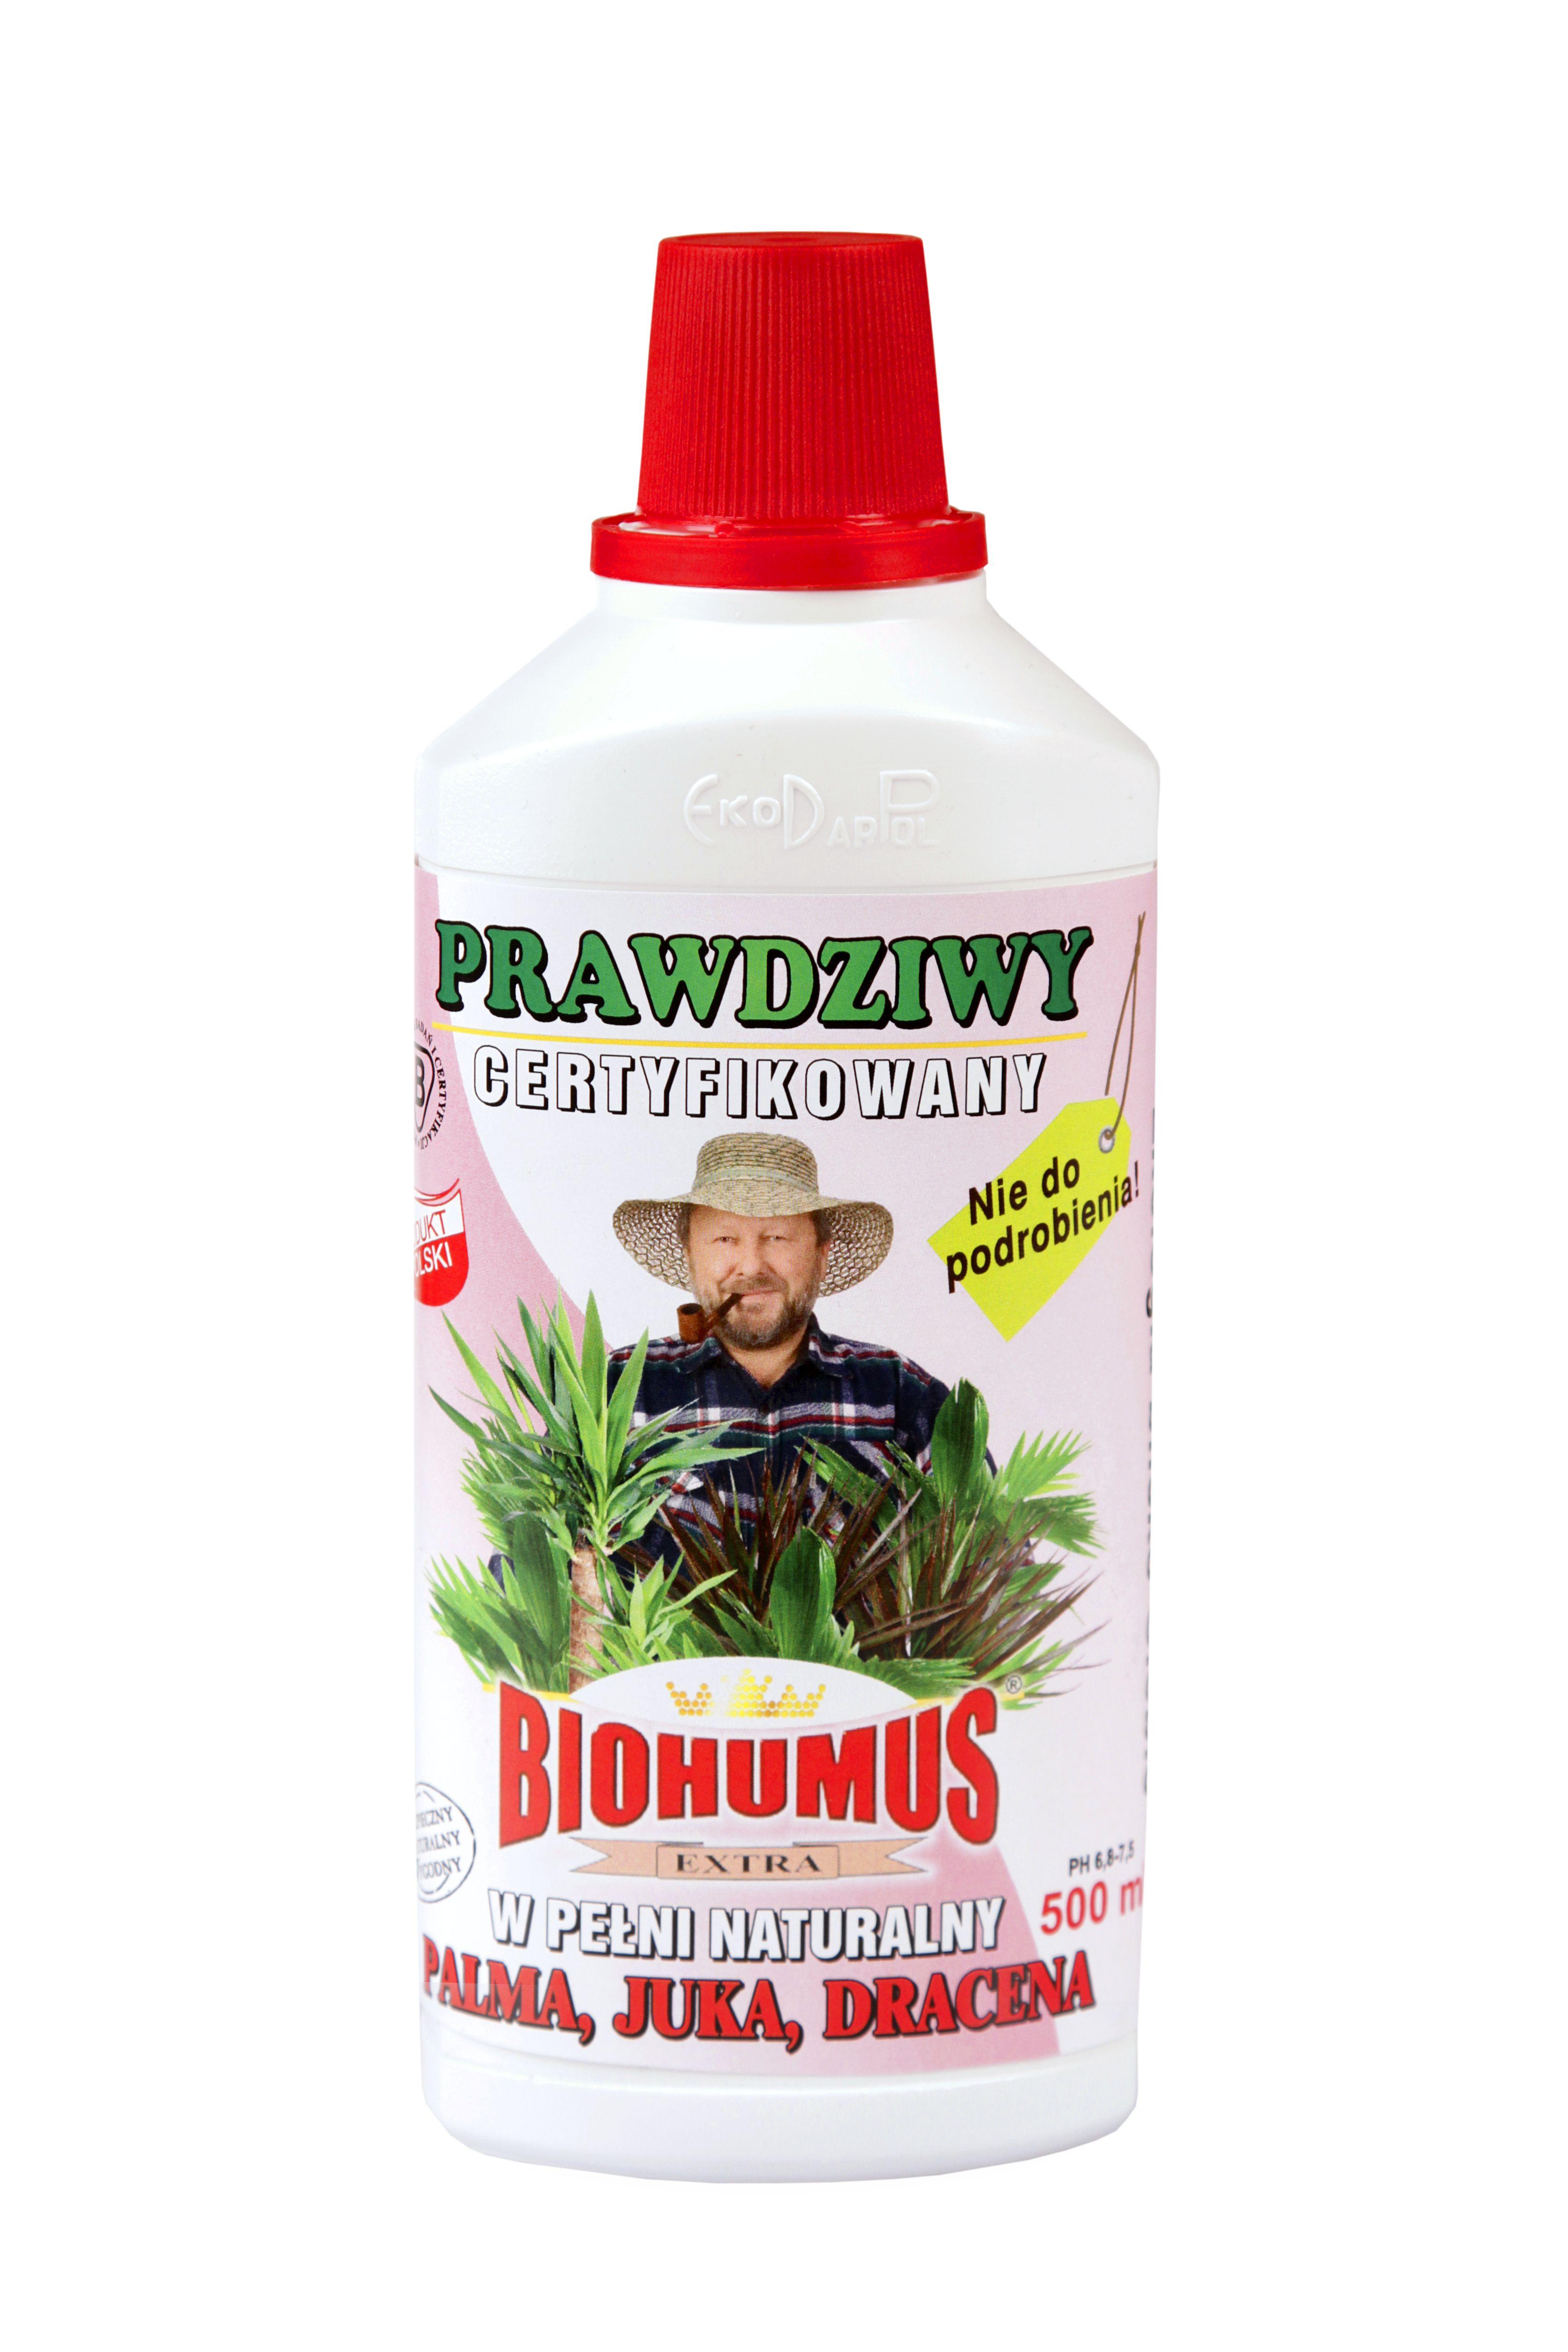 biohumus-ex-palma-juka-dracena_05l